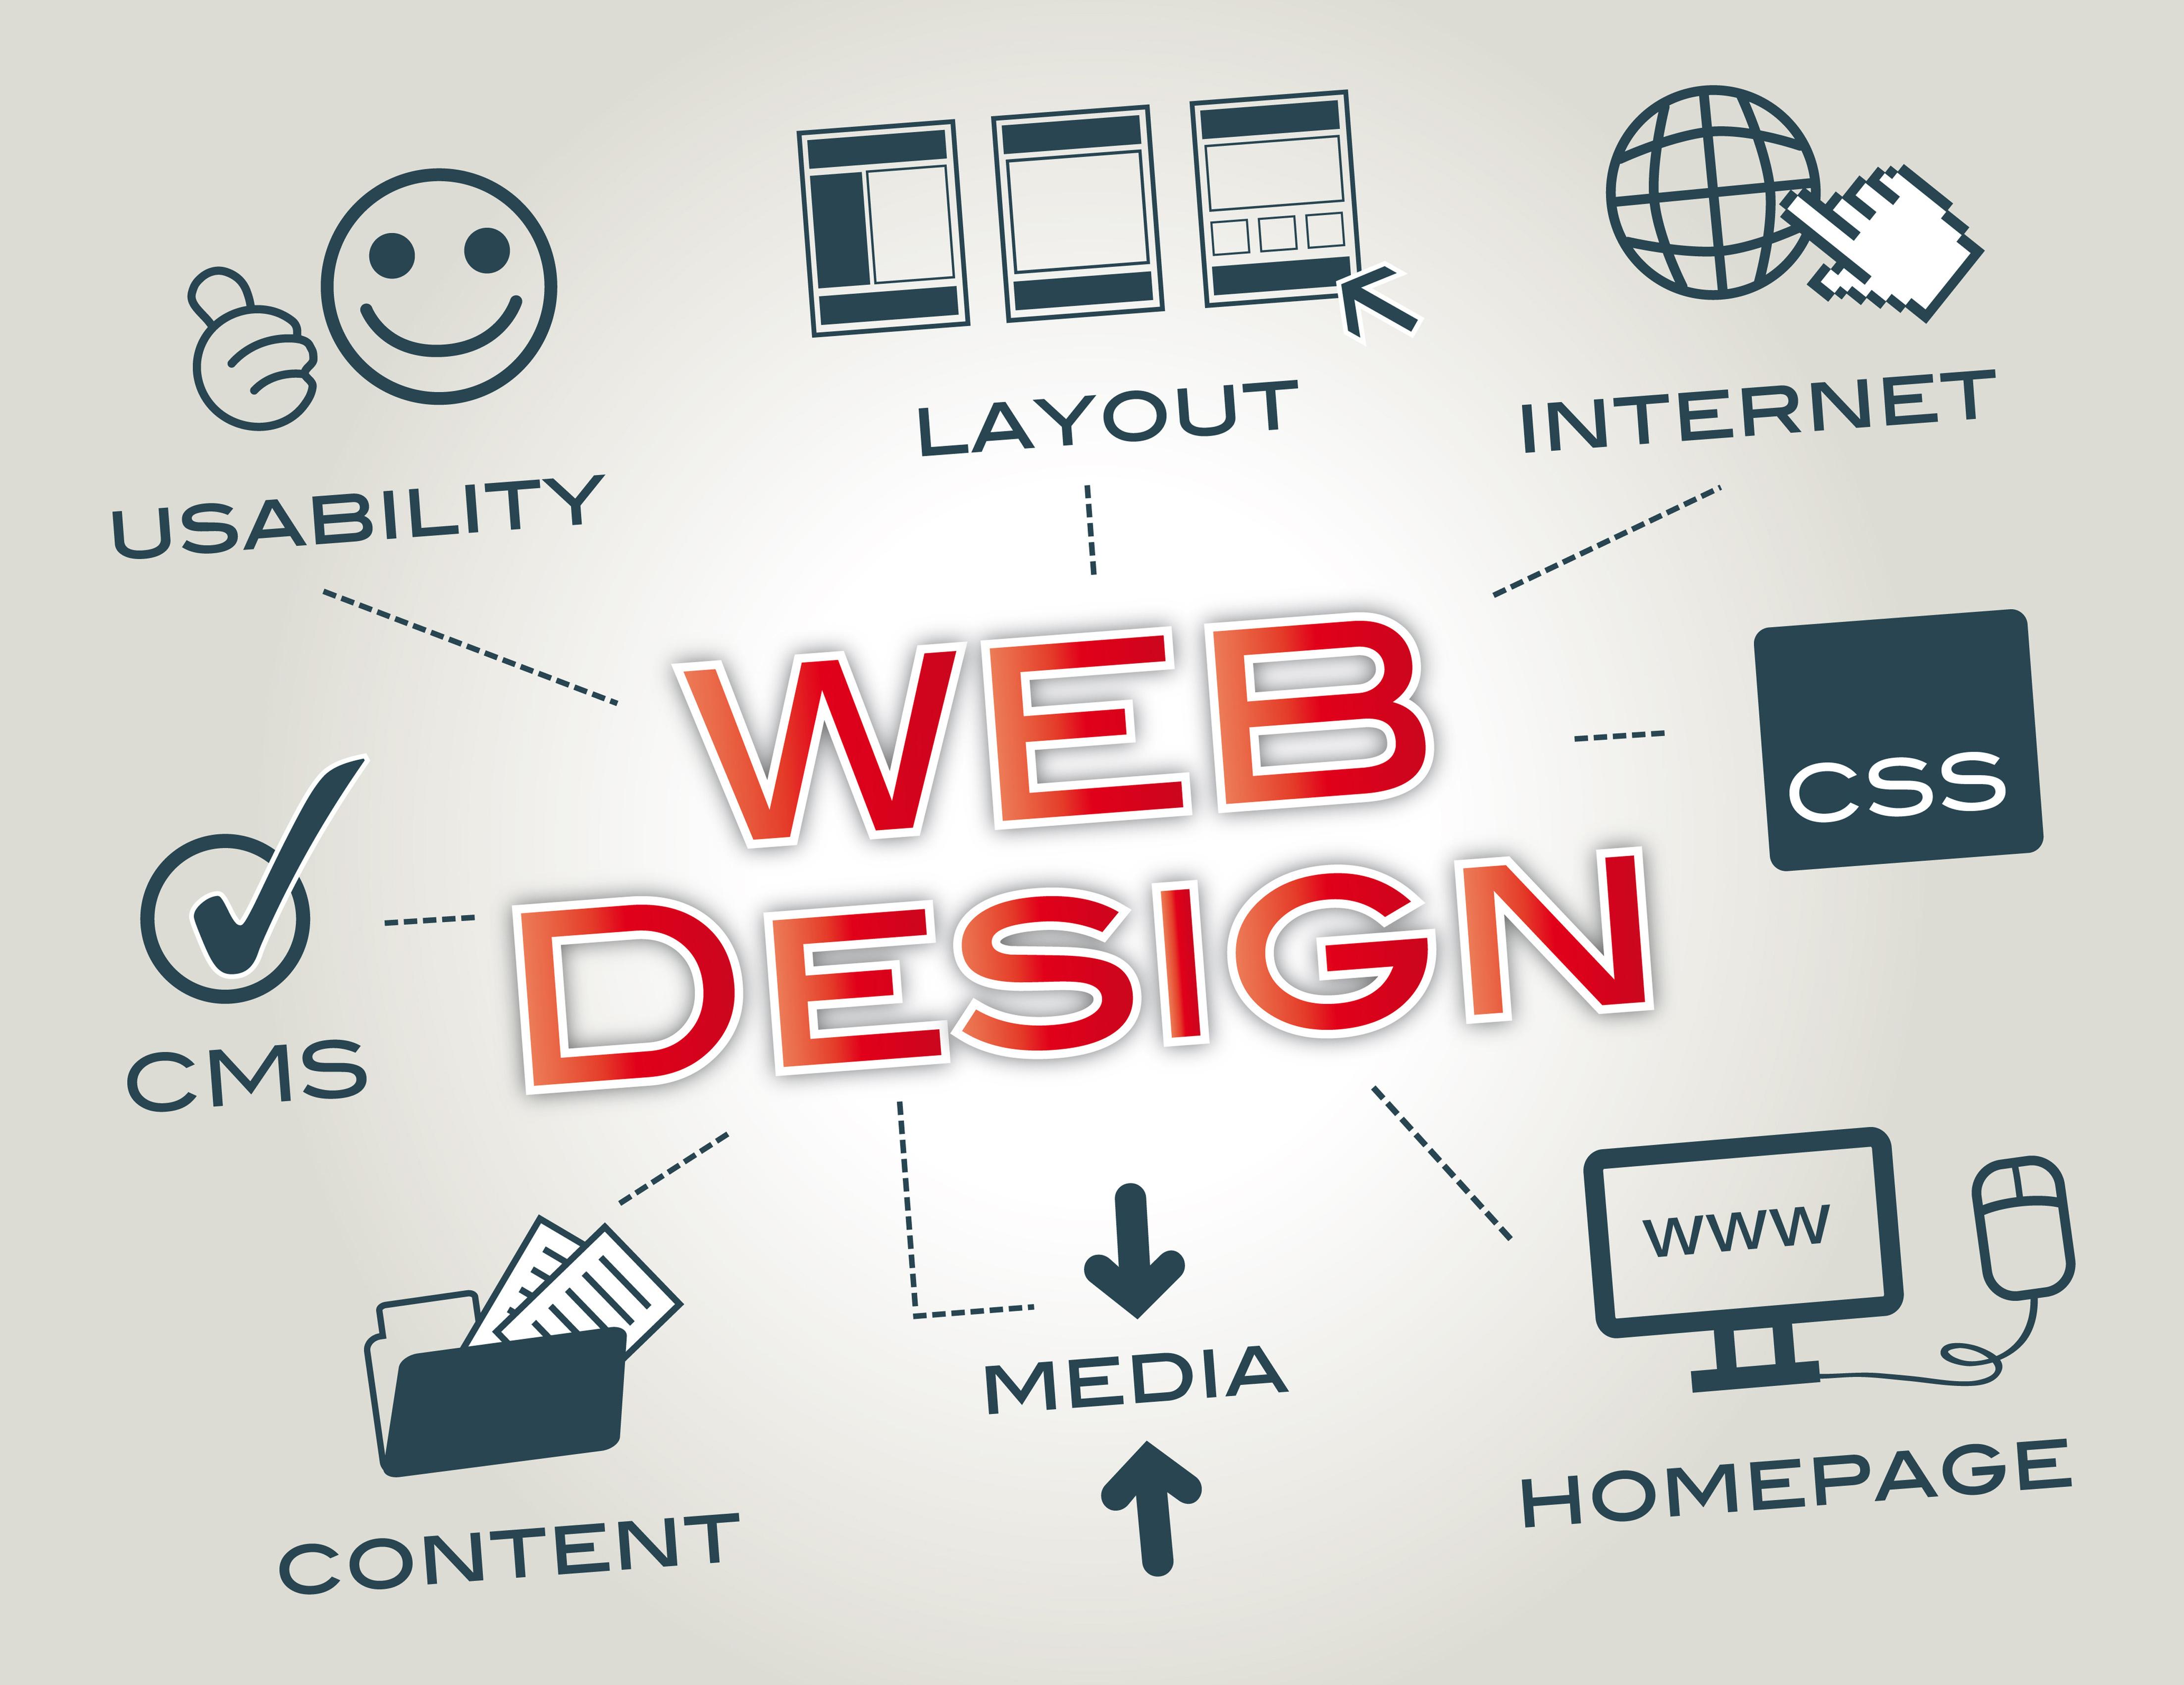 WEB-DESIGNING-TREND-2015